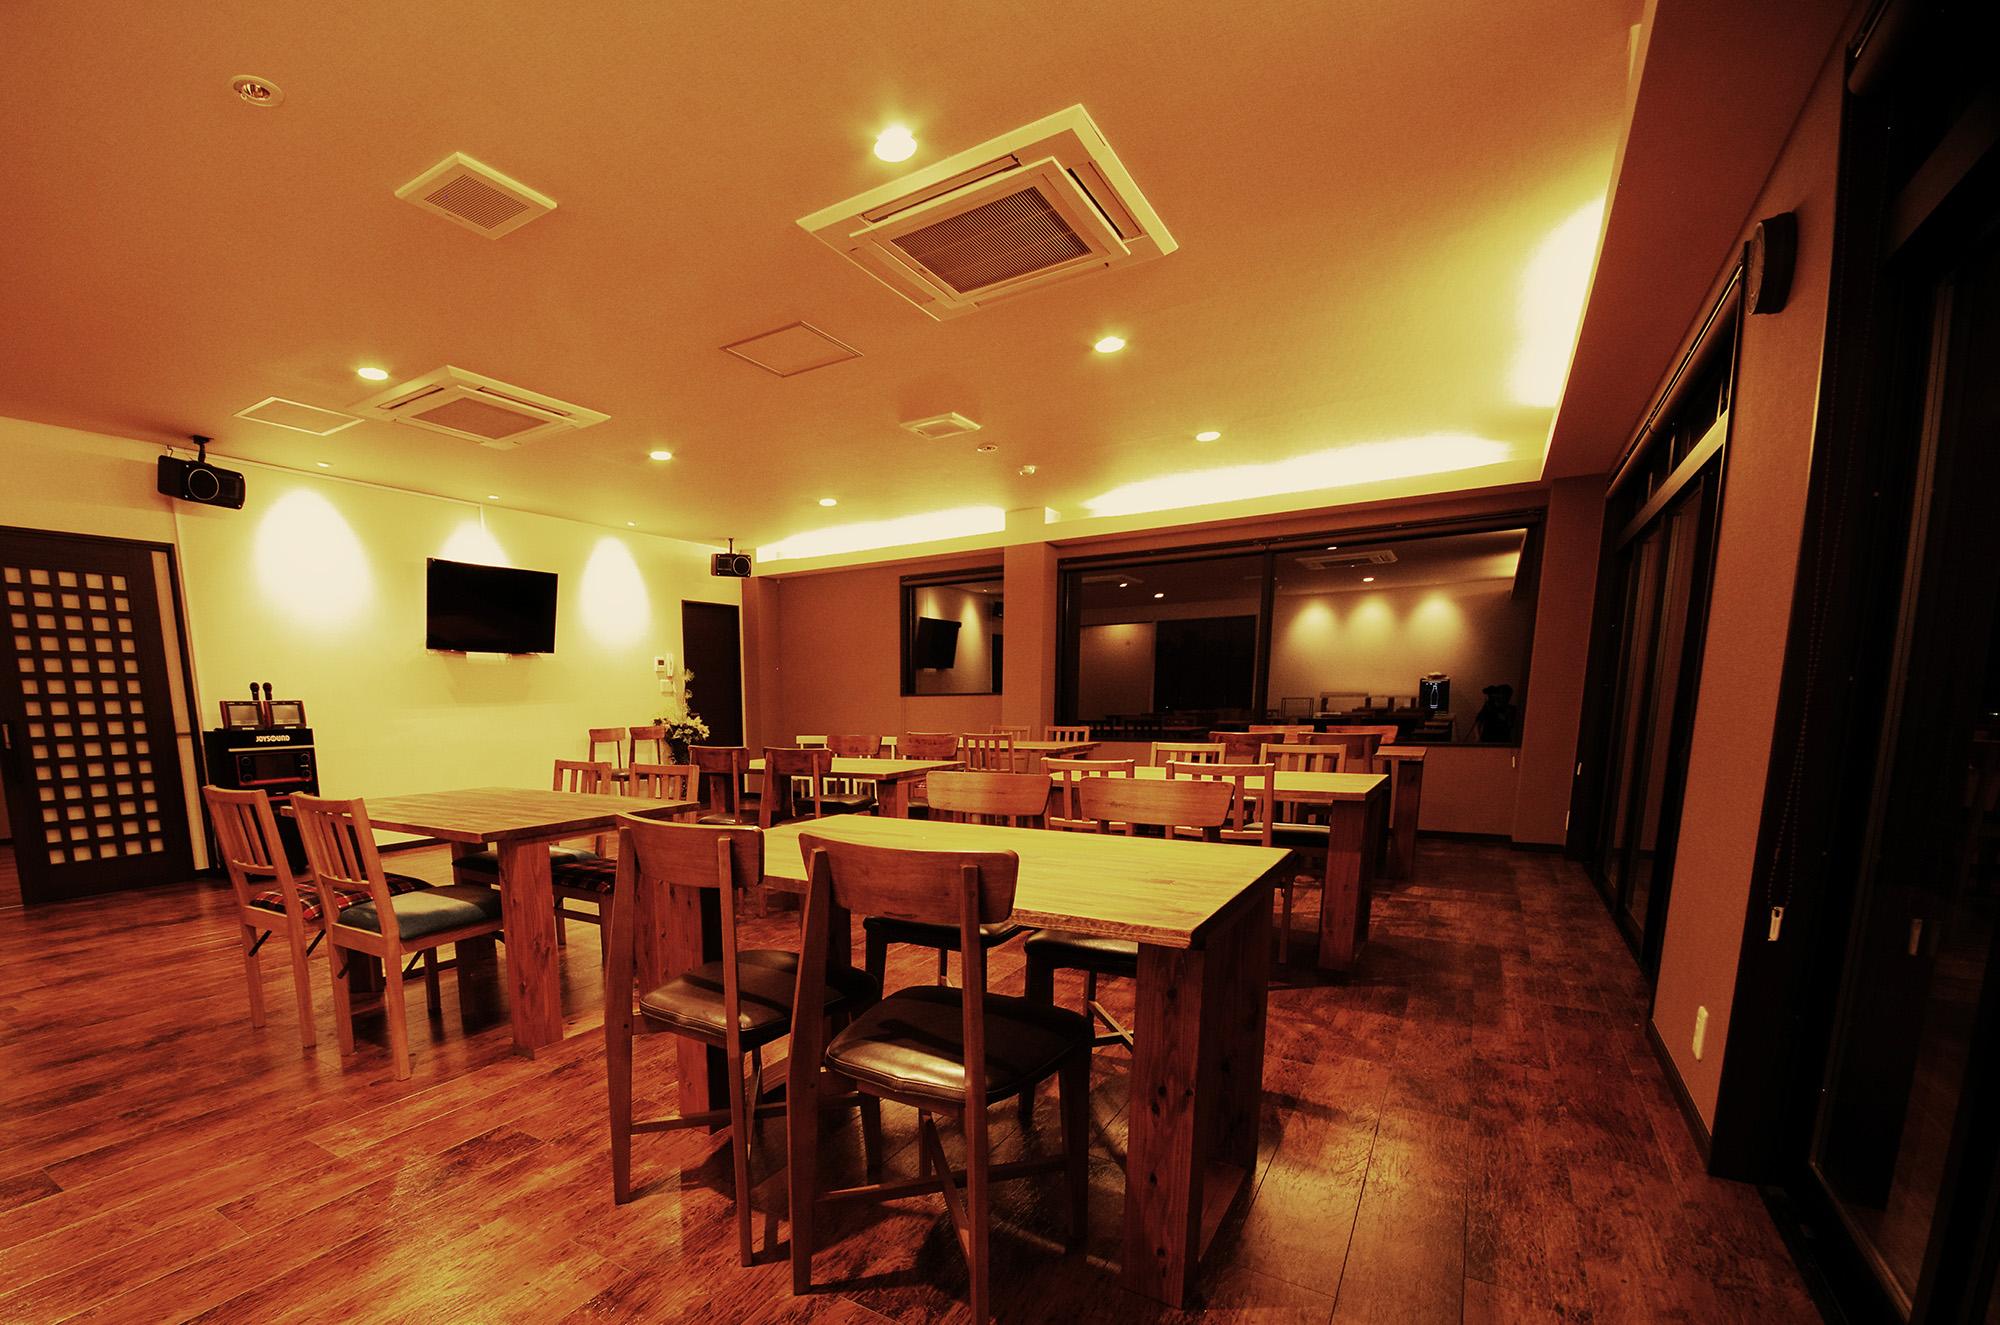 『うり坊食堂』の画像